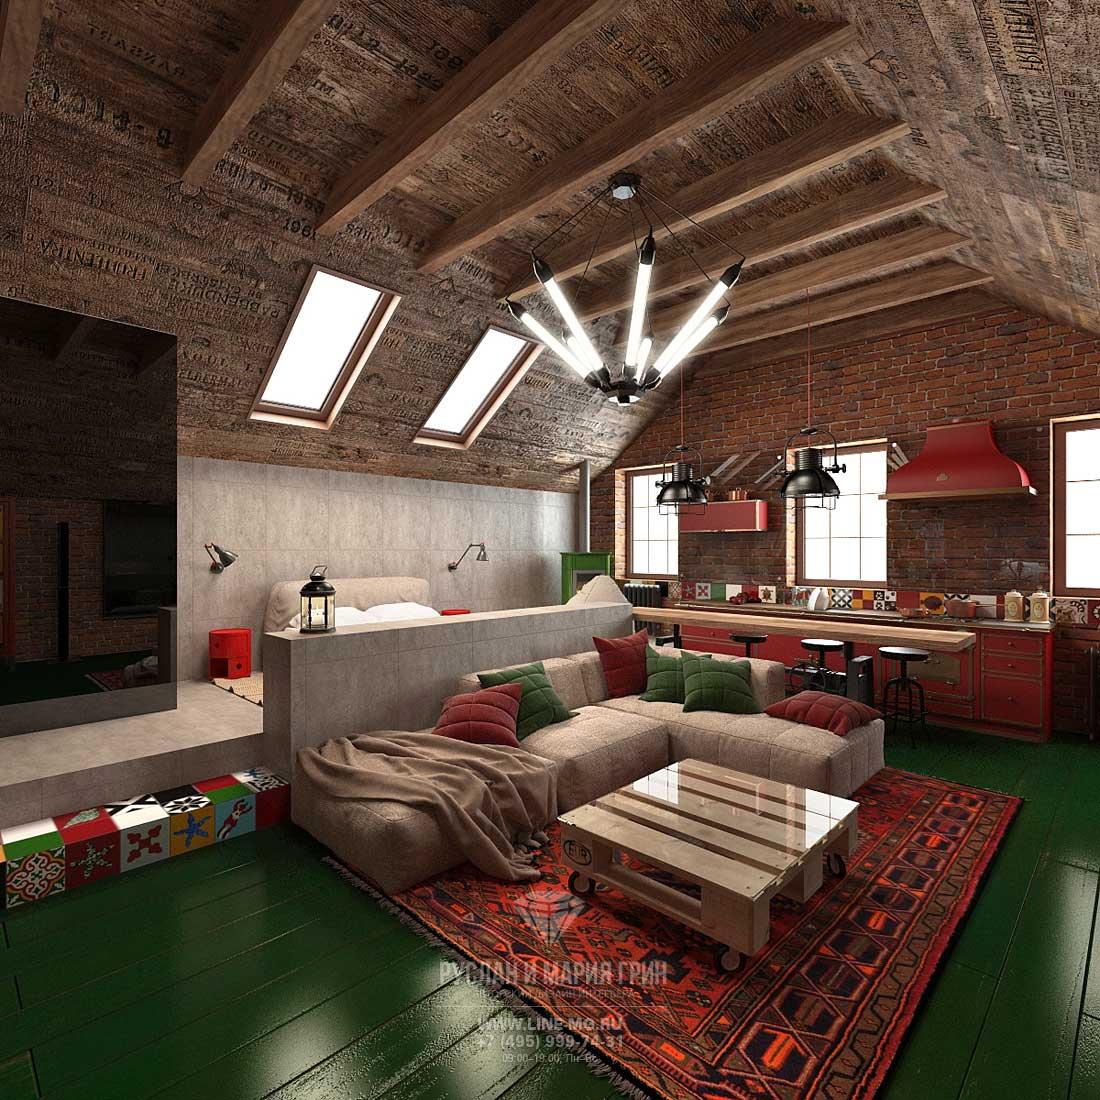 Модный интерьер мансарды в стиле лофт, Дизайн-проекты и идеи интерьеров от Студии Руслана и Марии Грин